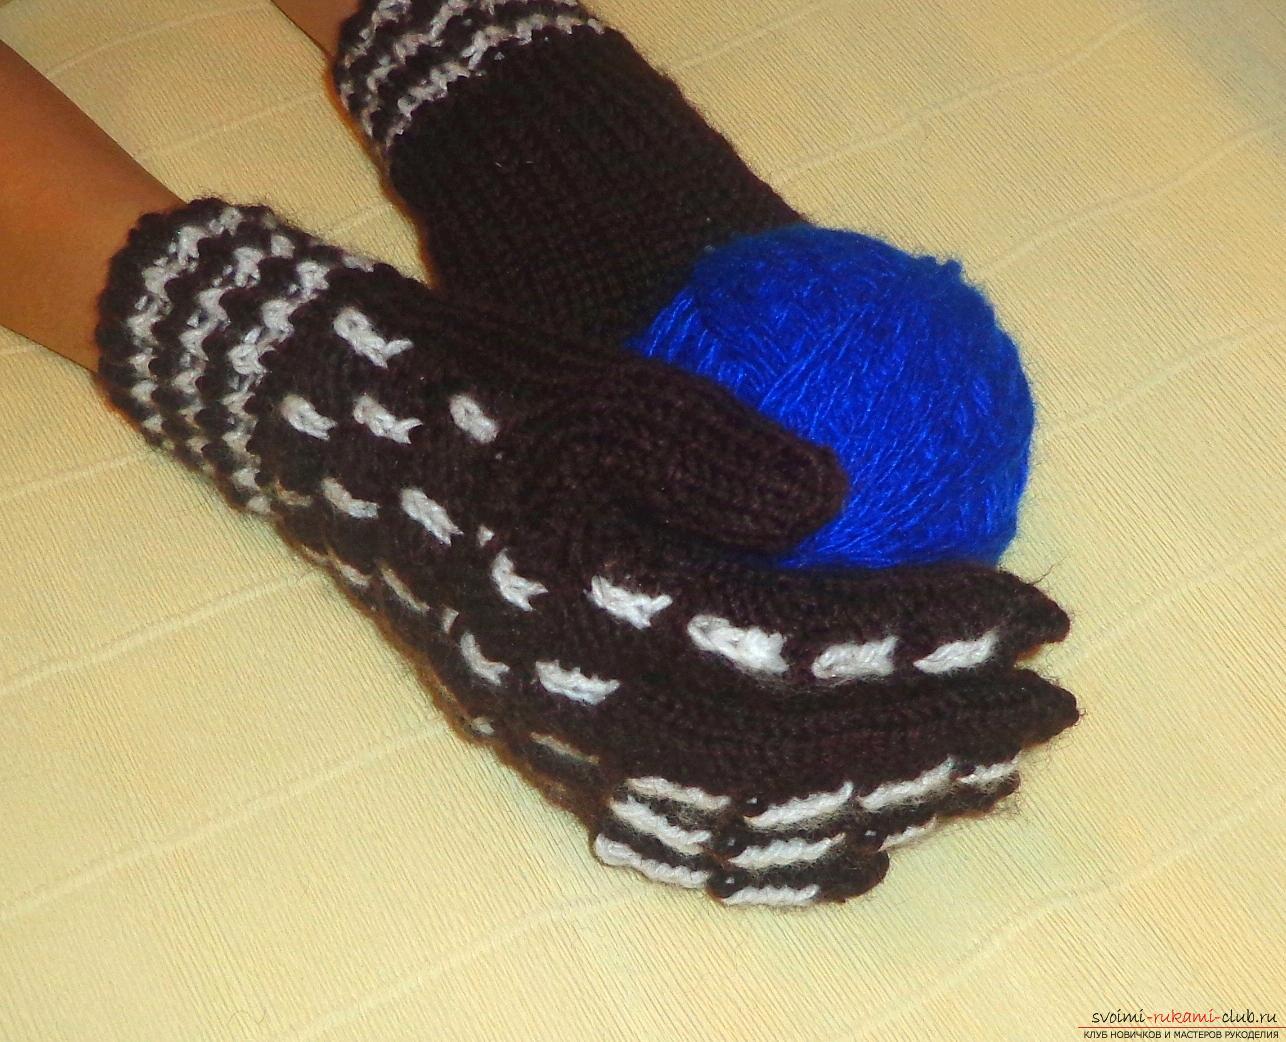 Мастер класс по вязанию перчаток 258